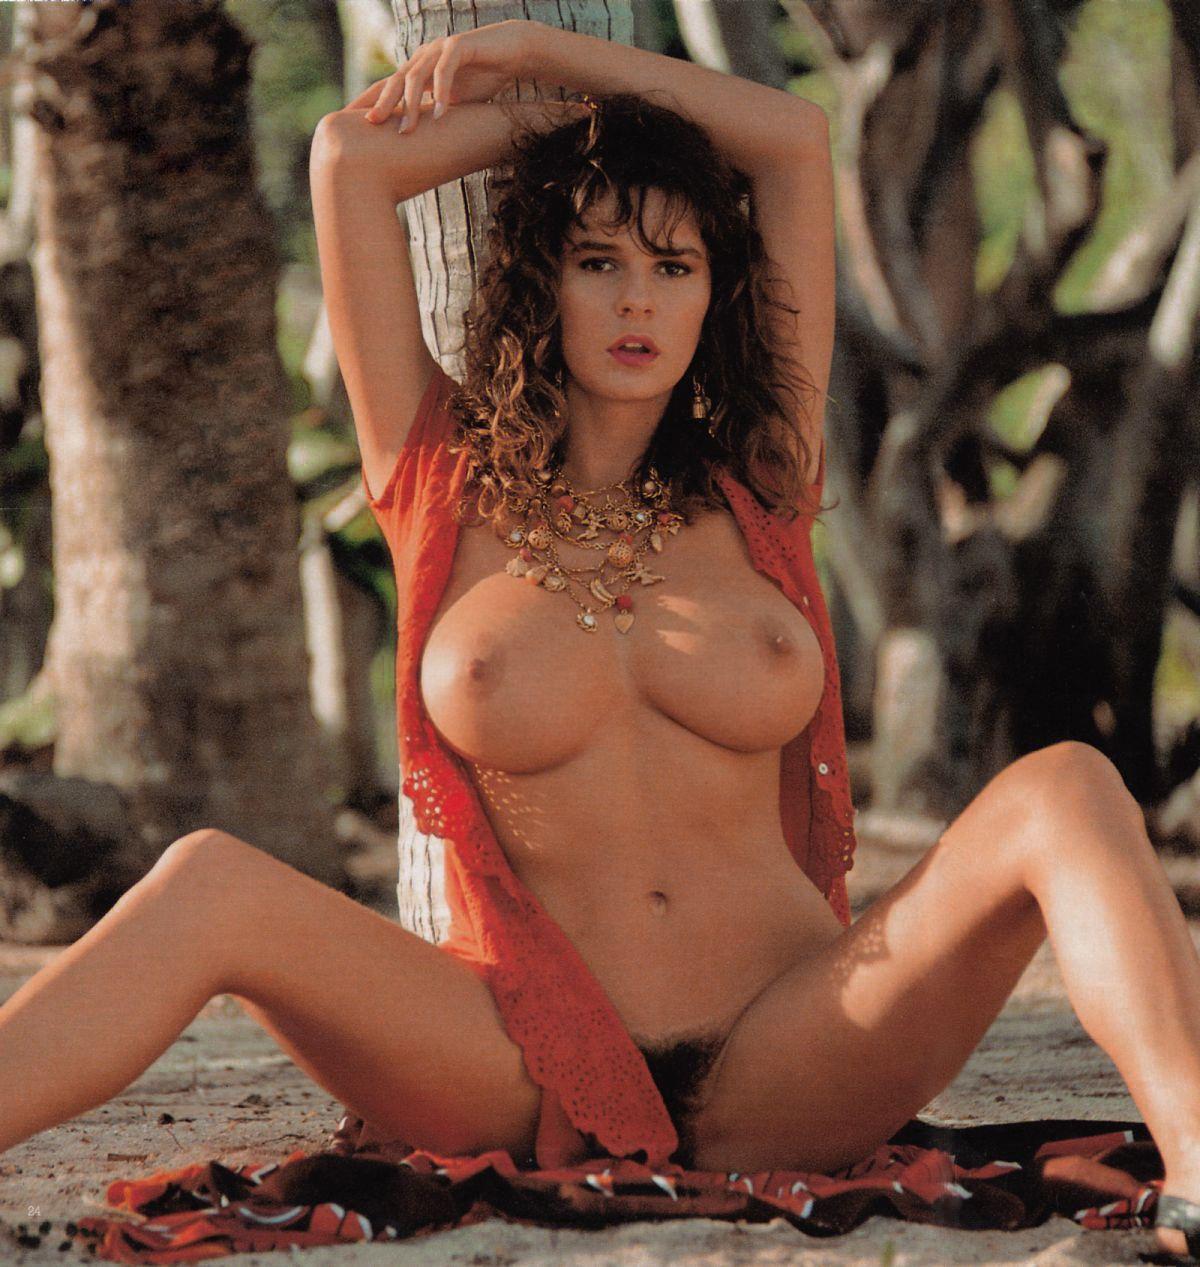 sexiest naked ebony woman